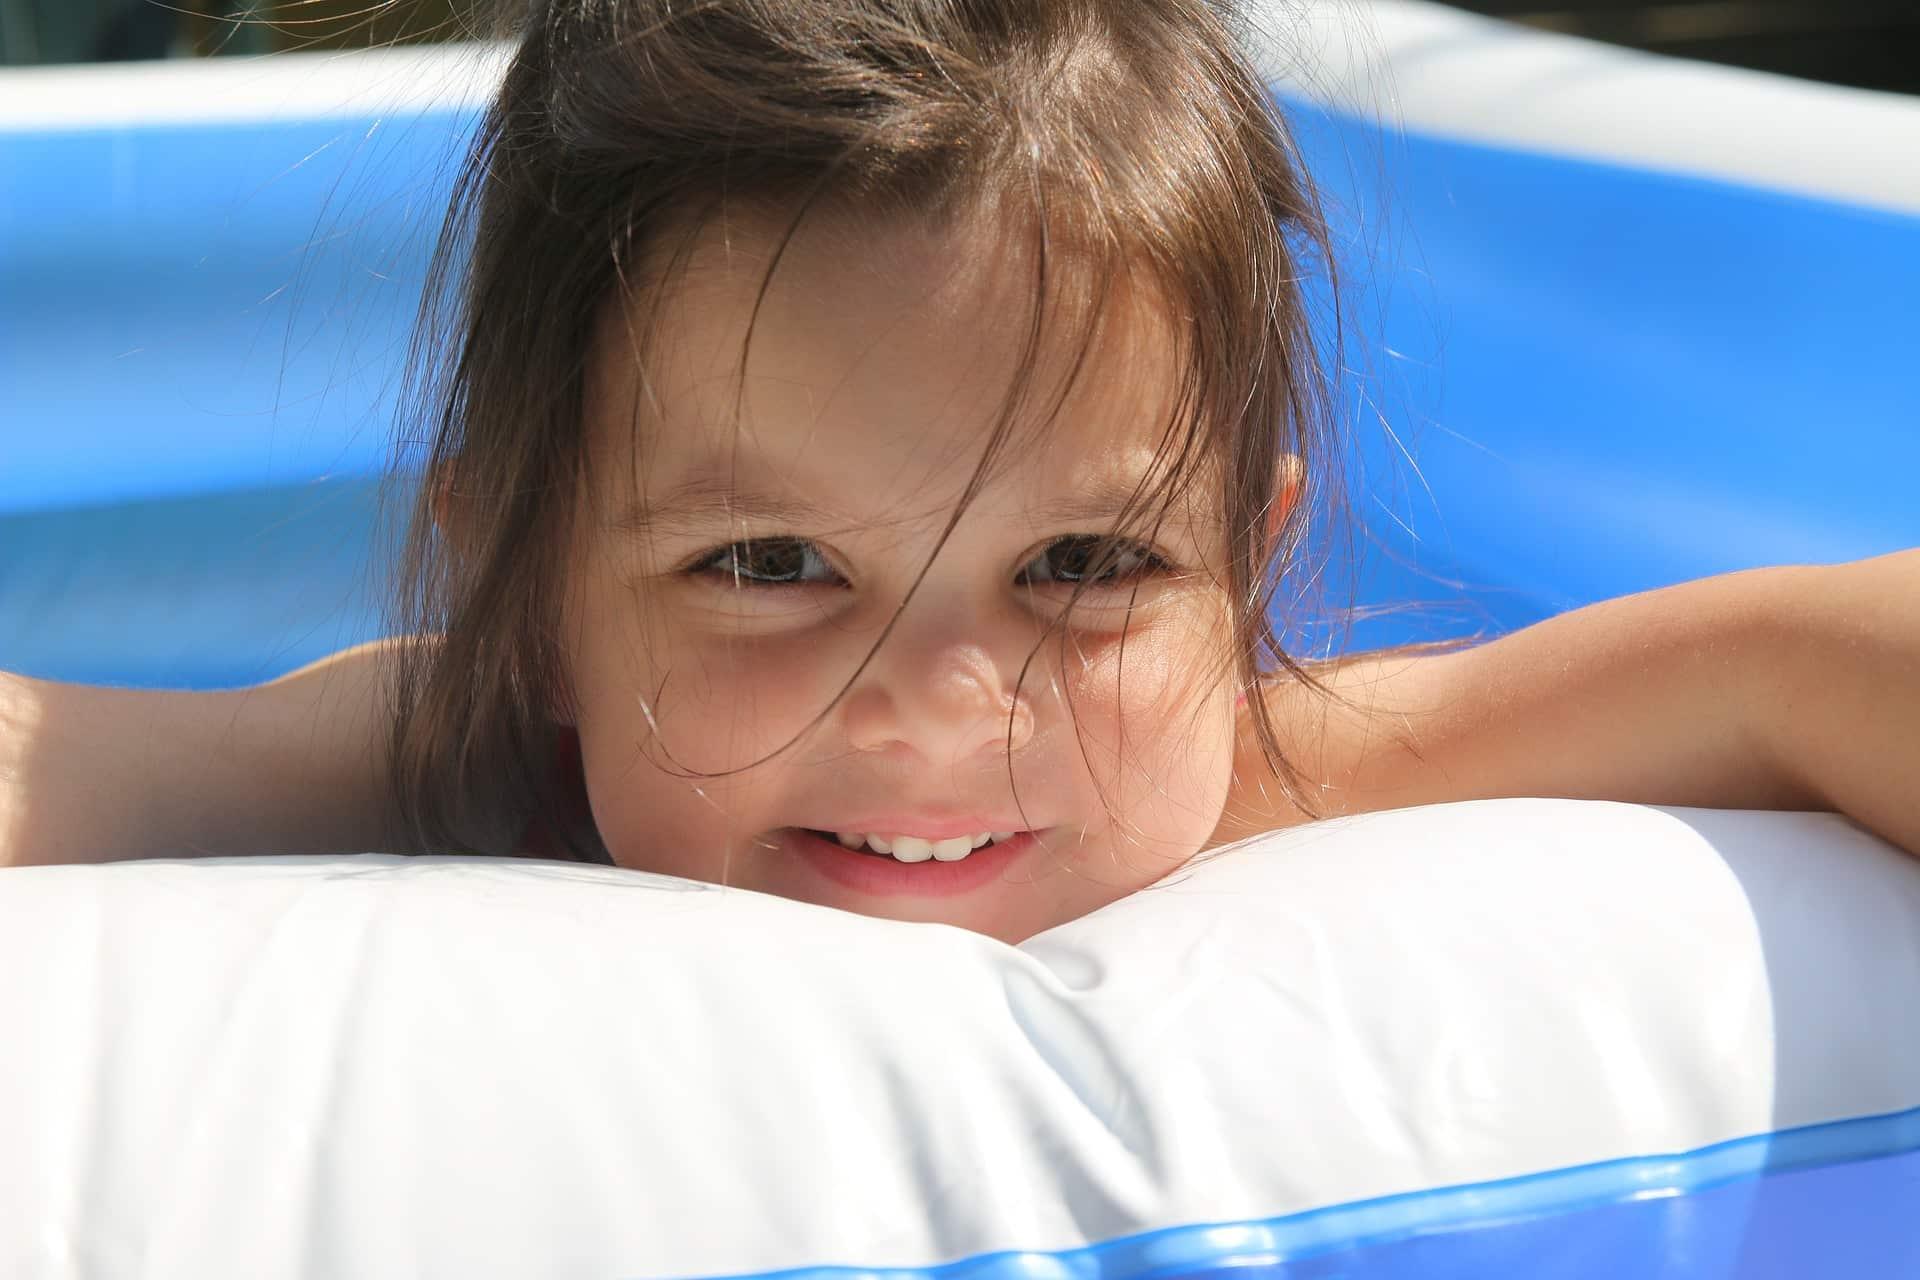 enfant dans une piscine tubulaire